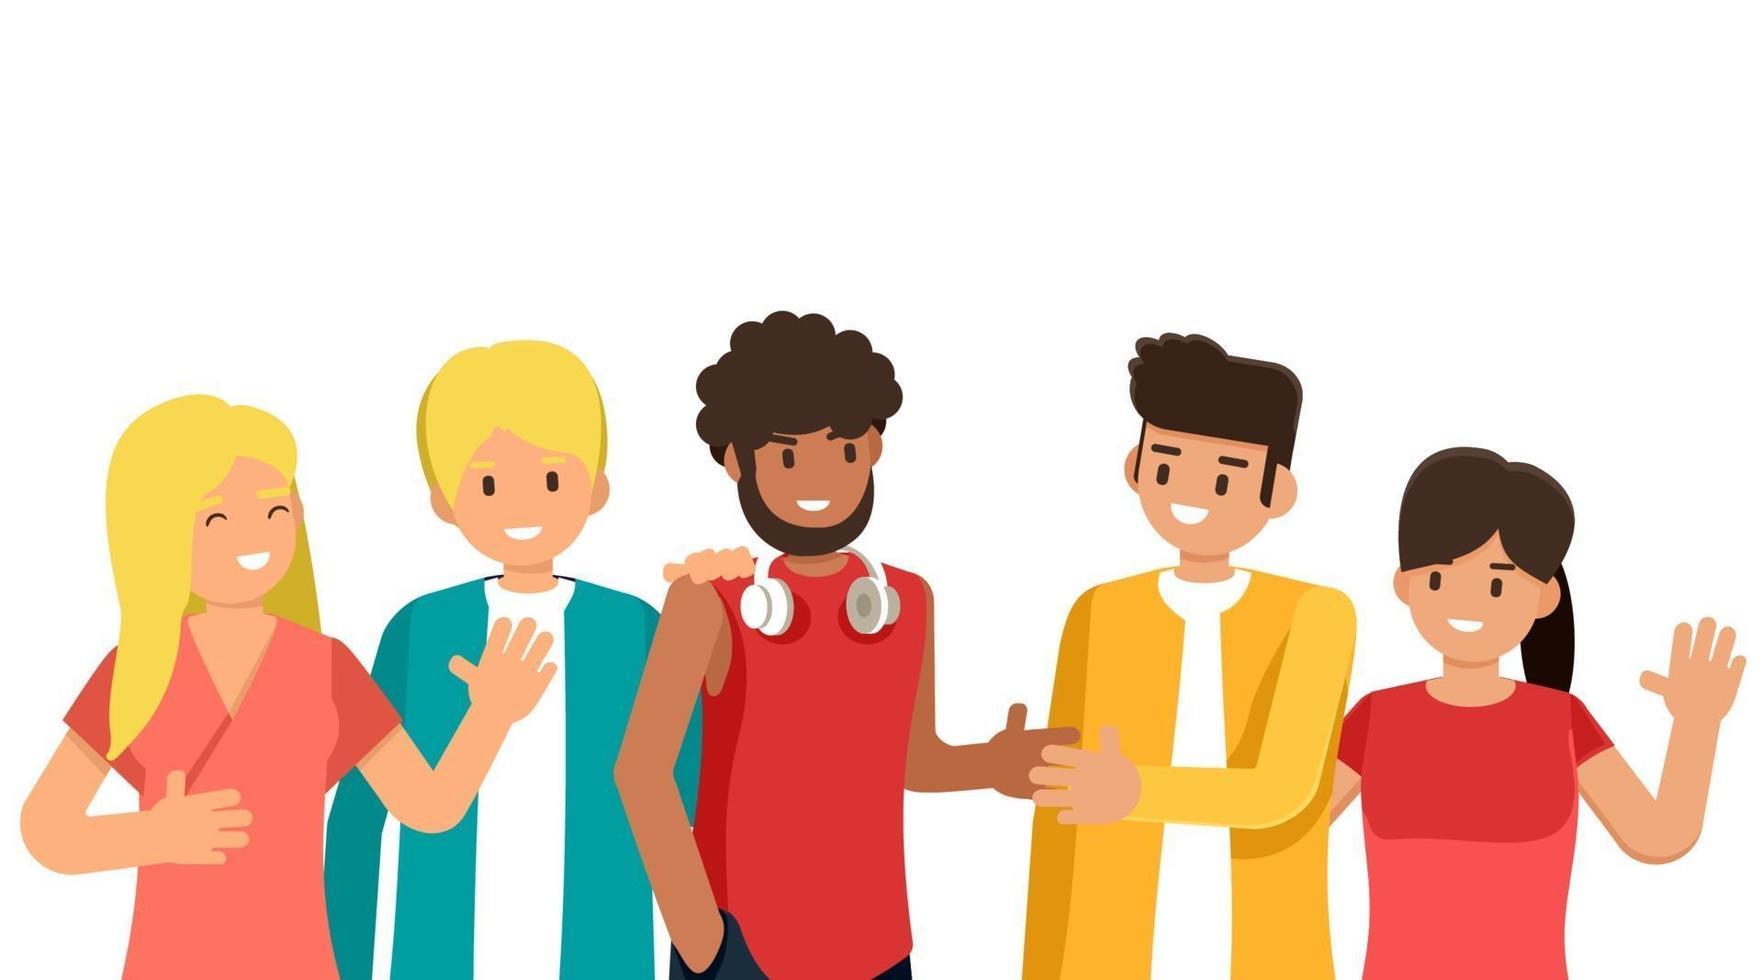 groep jonge mensen van verschillende rassen en culturen geïsoleerd op een witte achtergrond, platte stripfiguren set, vector illustratie